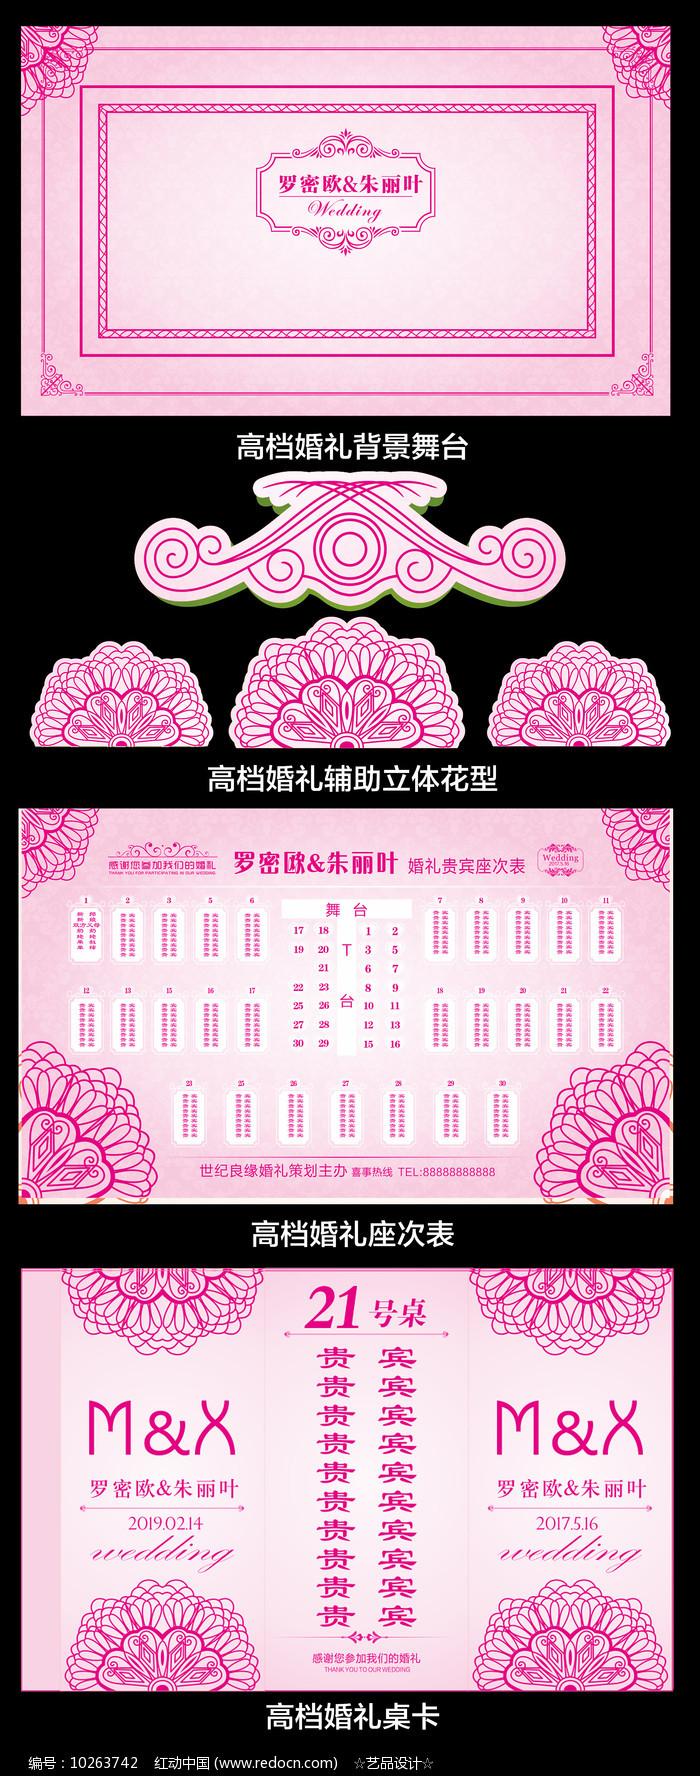 高档粉色花卉婚礼背景设计图片